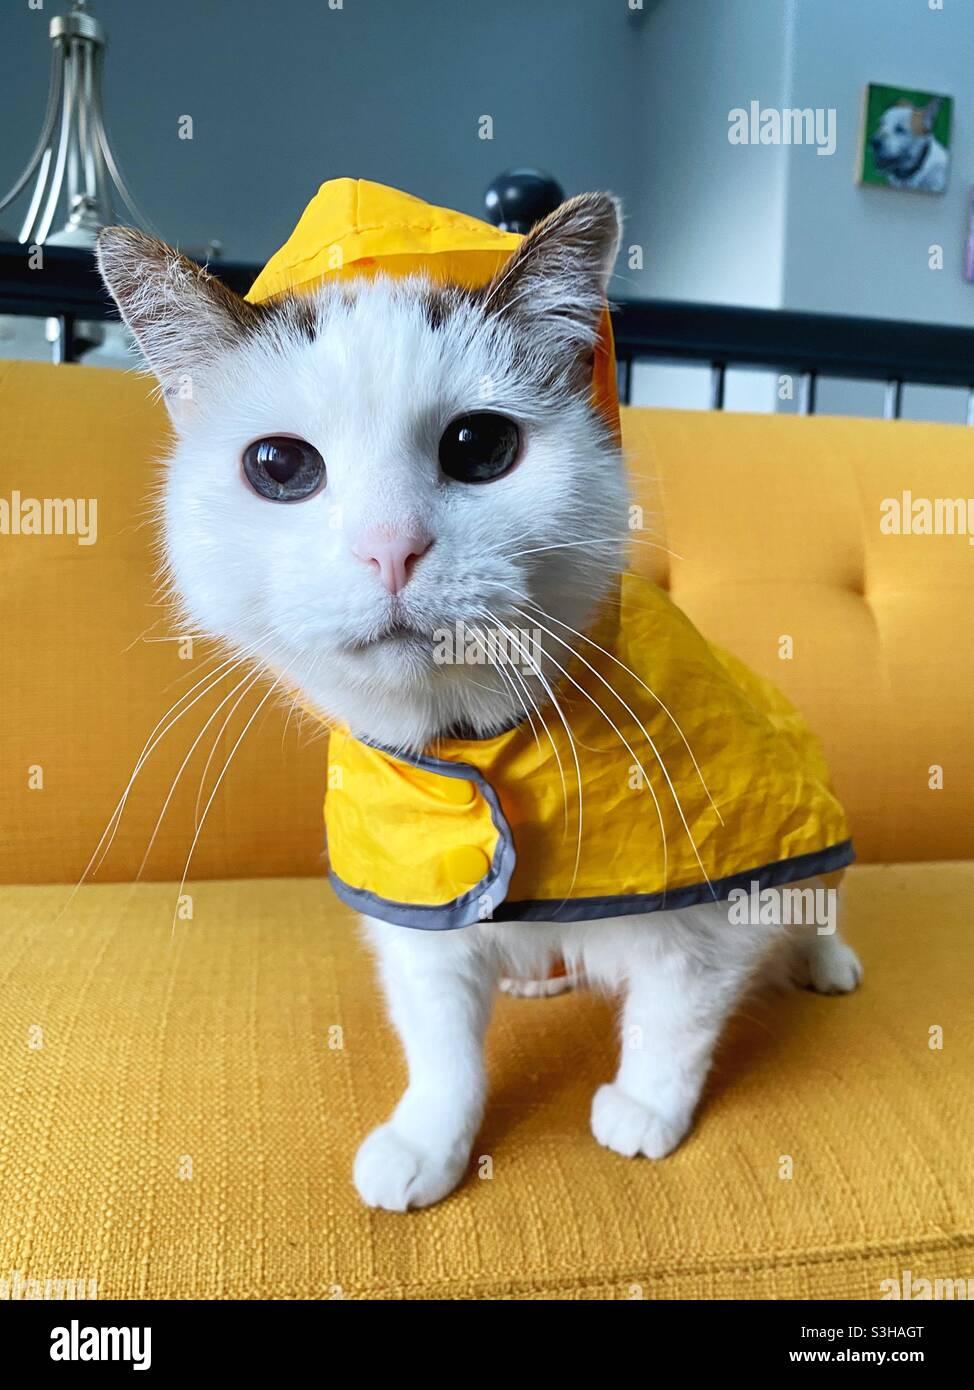 Eine Katze, die einen gelben Regenmantel trägt. Stockfoto